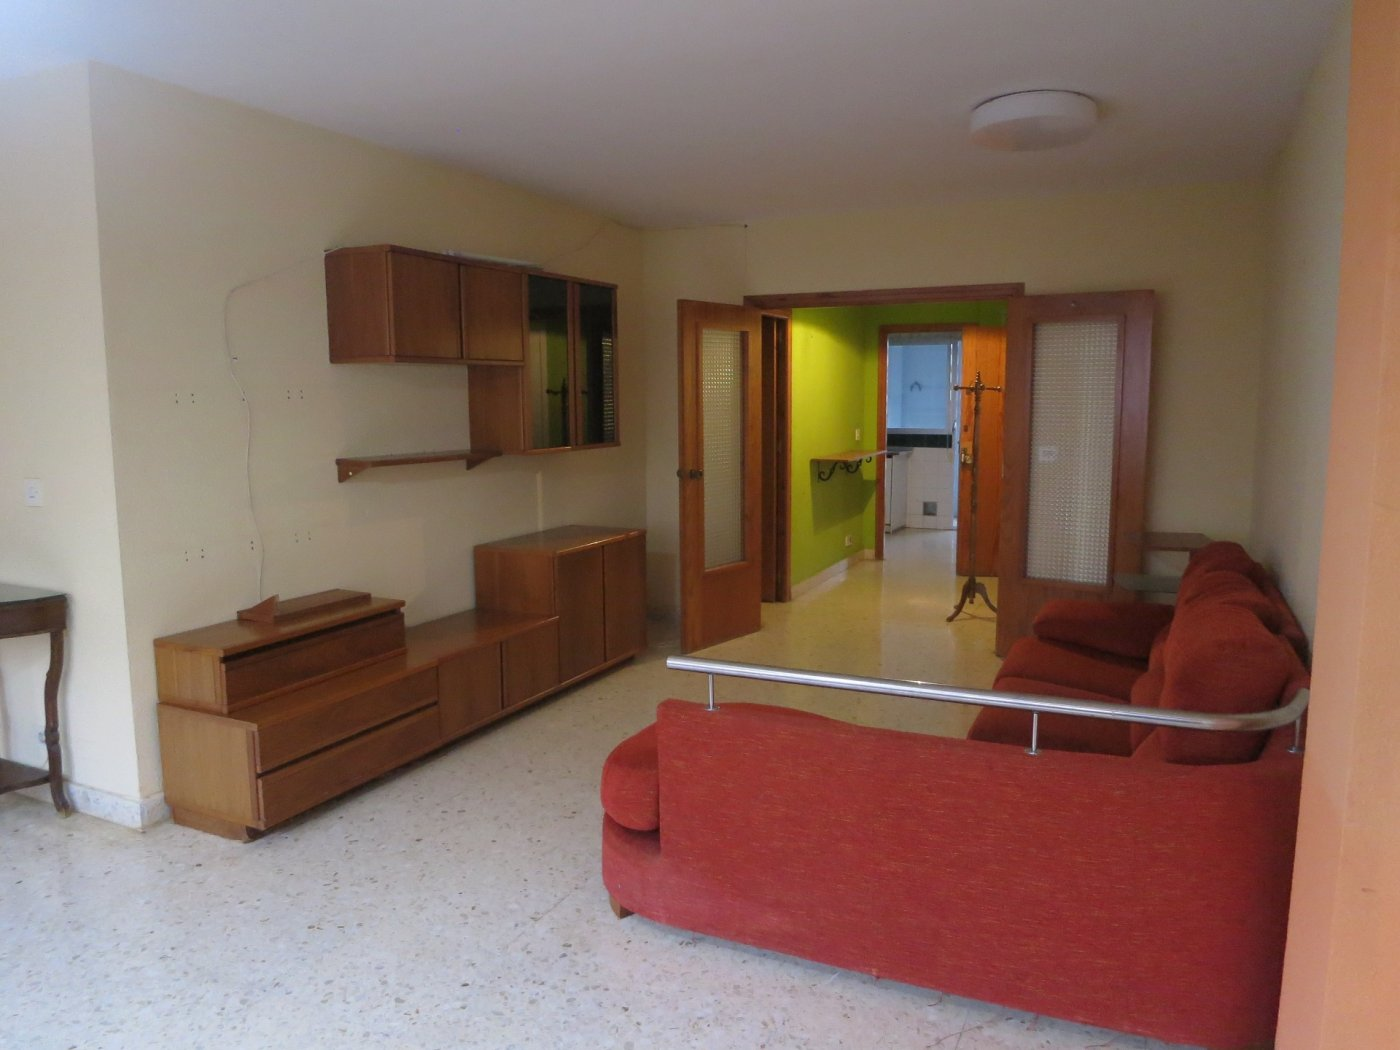 Flat for rent in El palmeral, Alicante